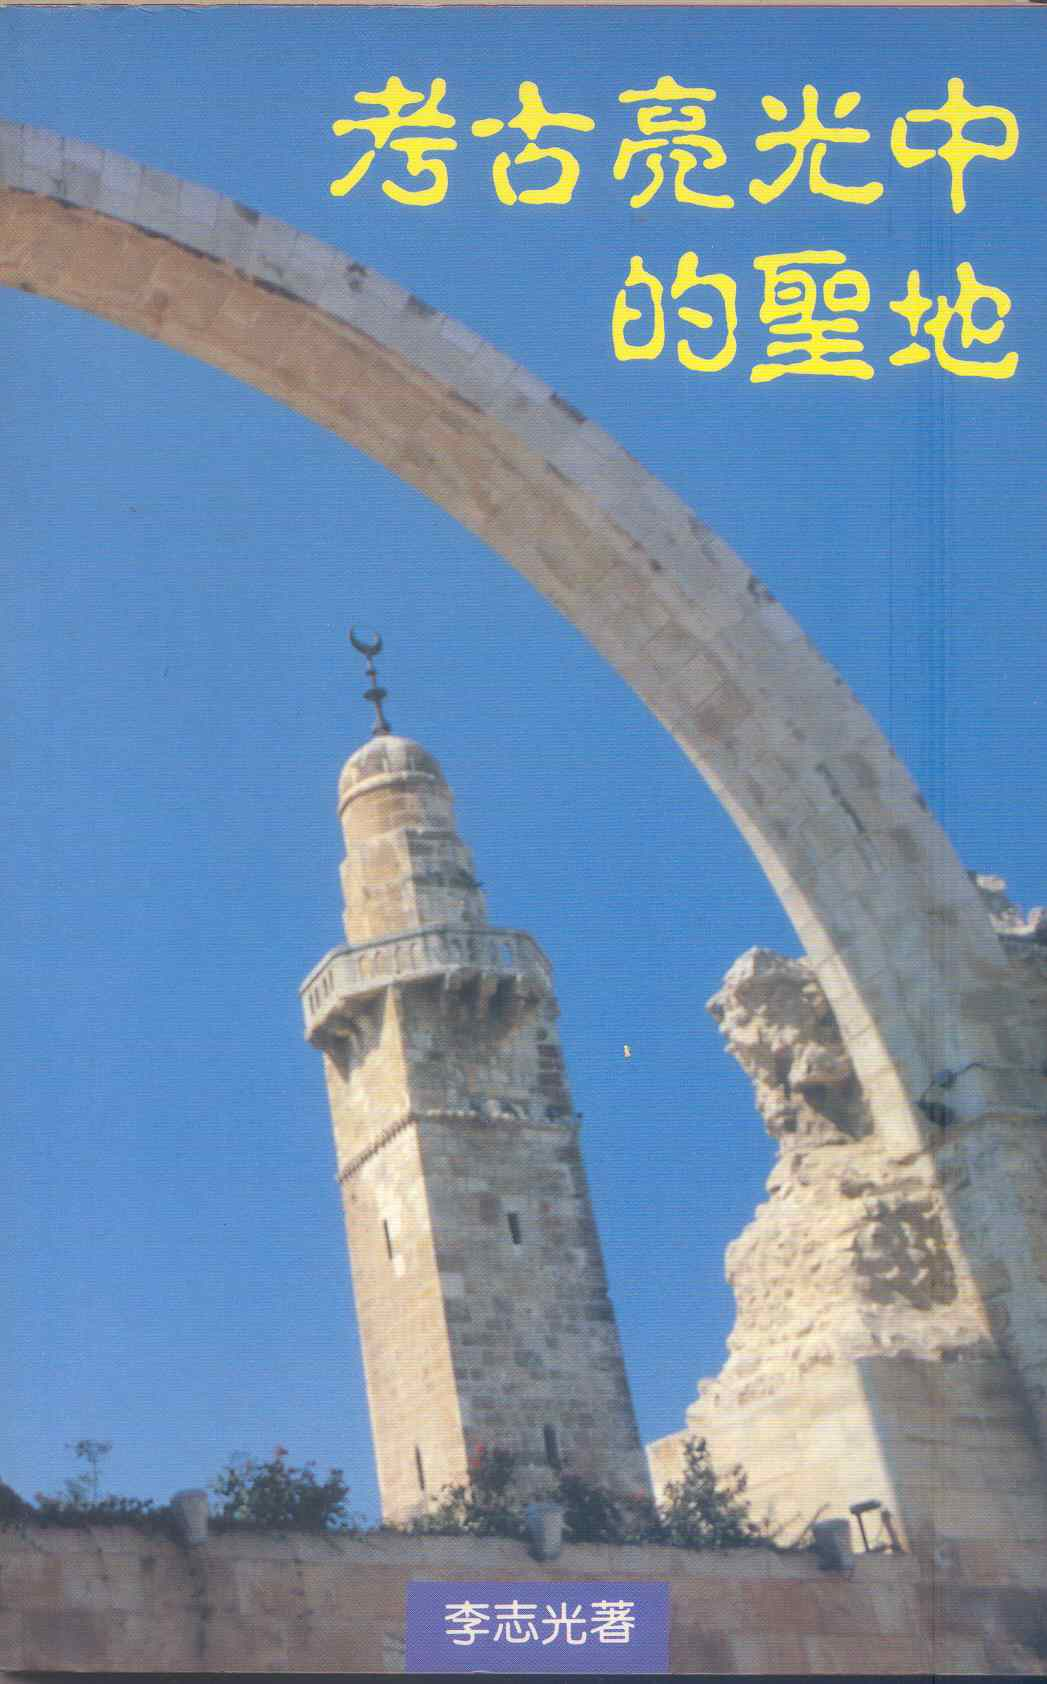 考古亮光中的聖地